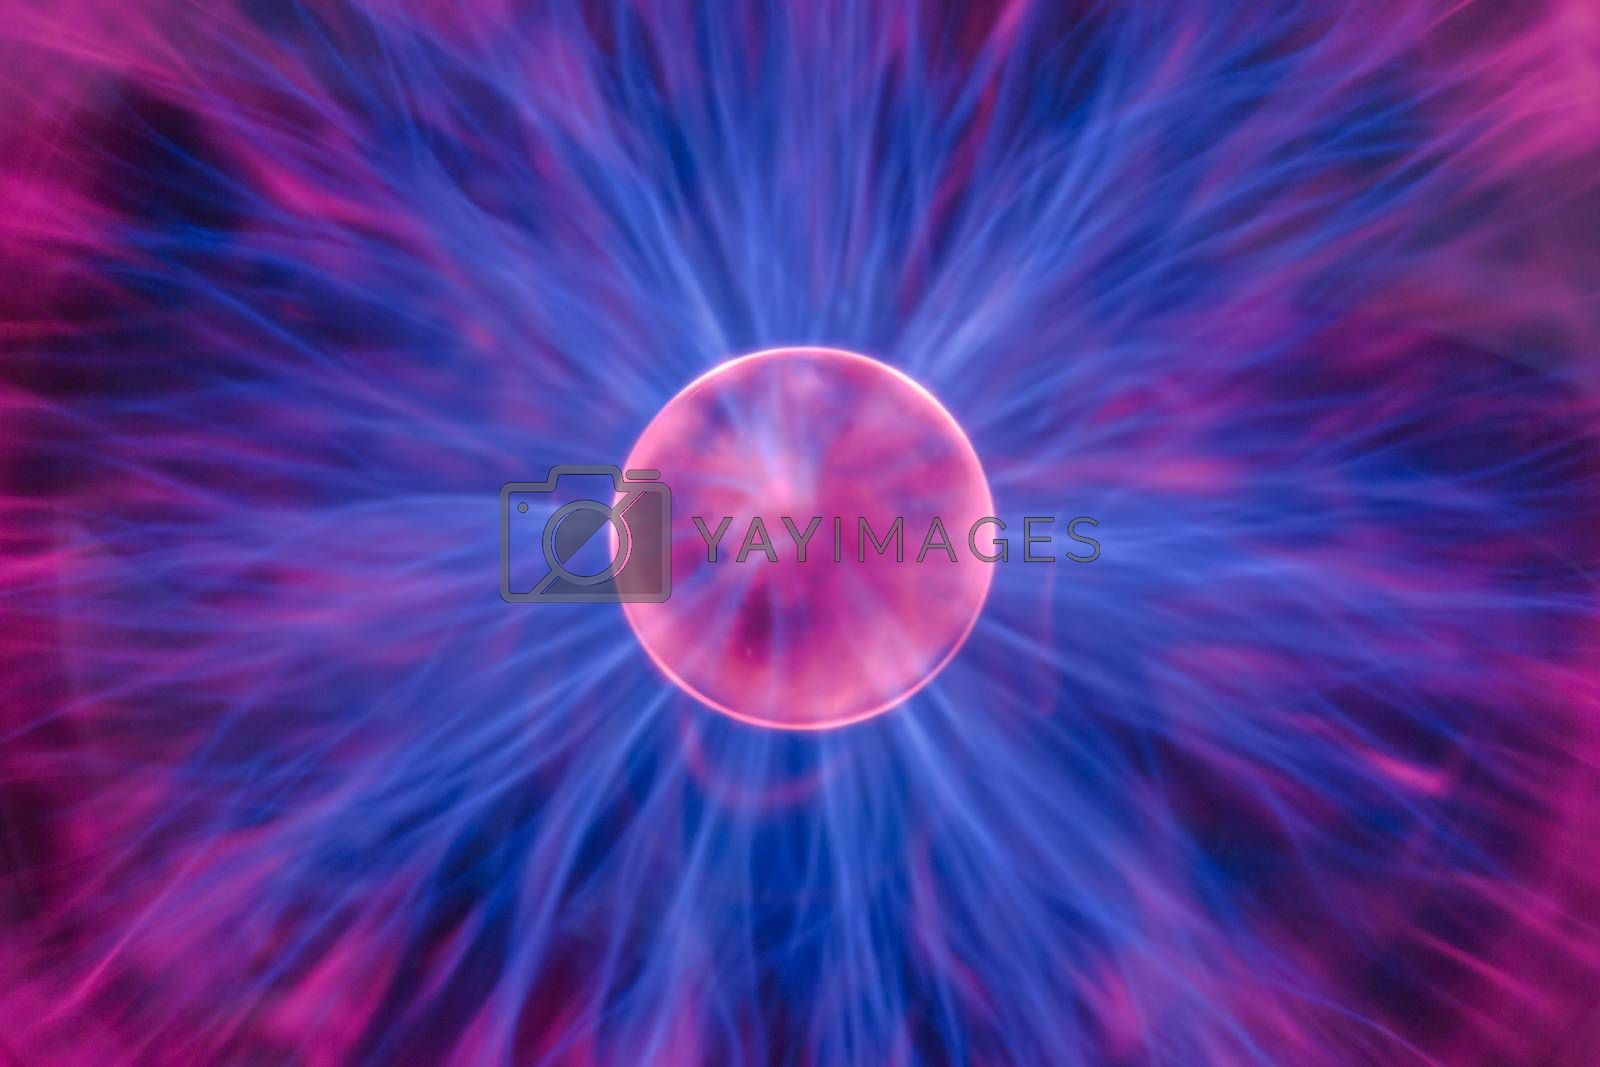 Plasma ball by Robert Boss